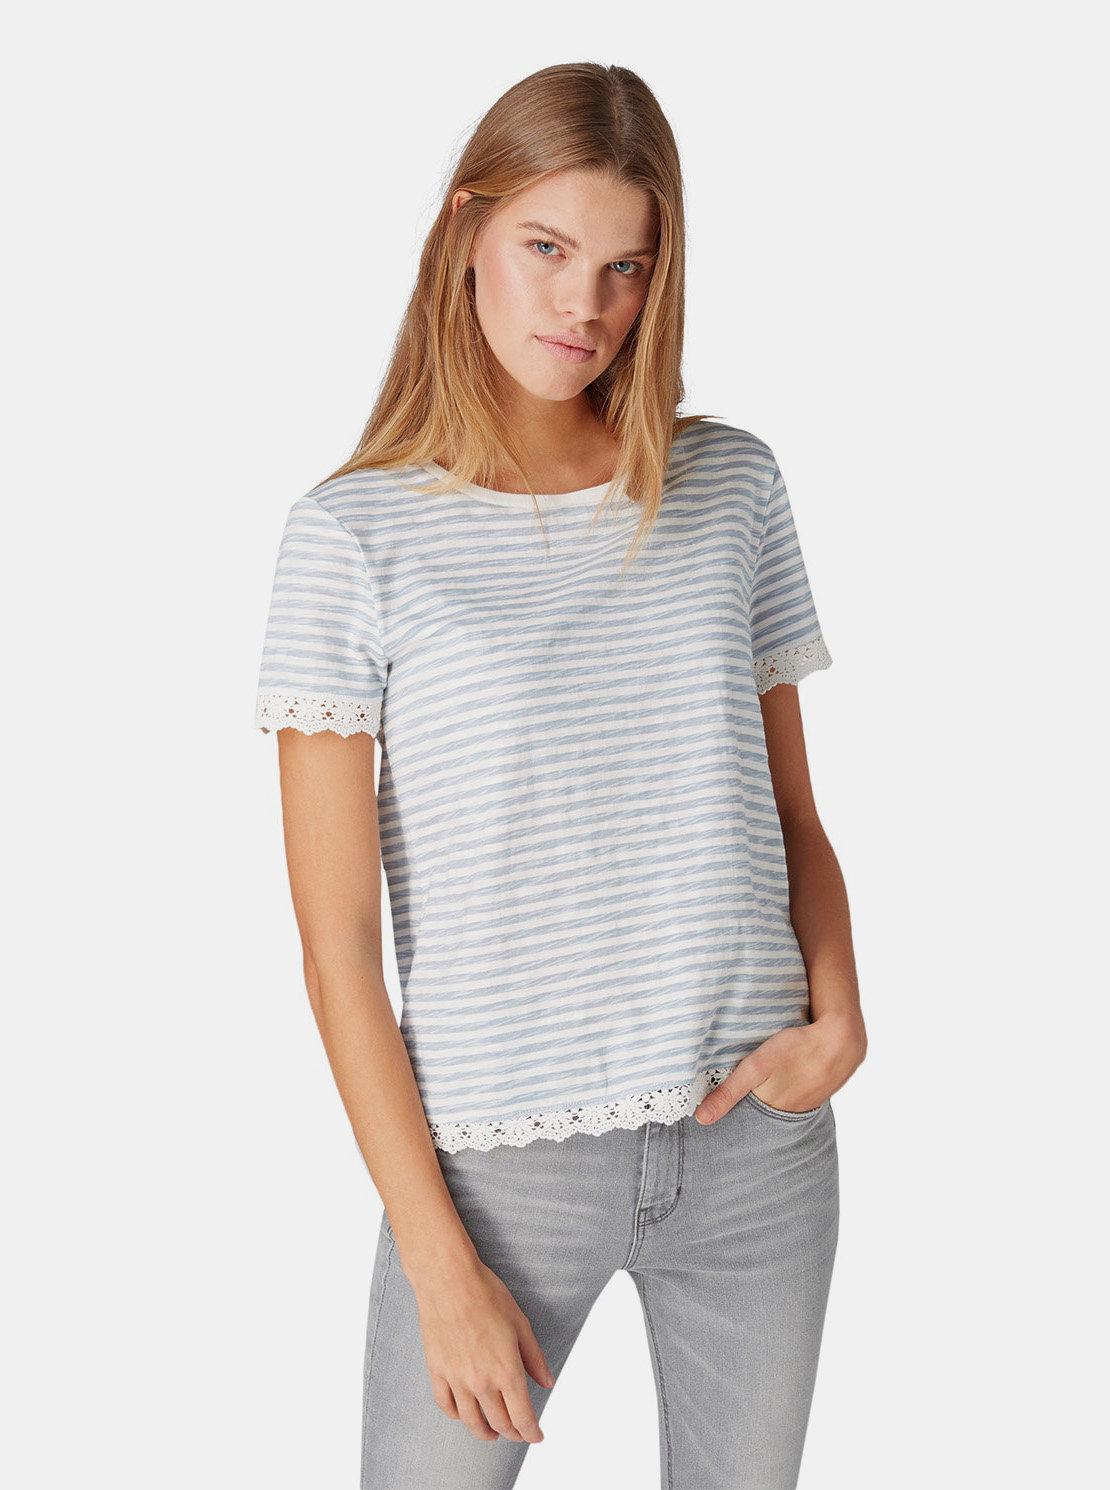 a3e451e8b304 Modro–biele dámske pruhované tričko s čipkou Tom Tailor Denim ...